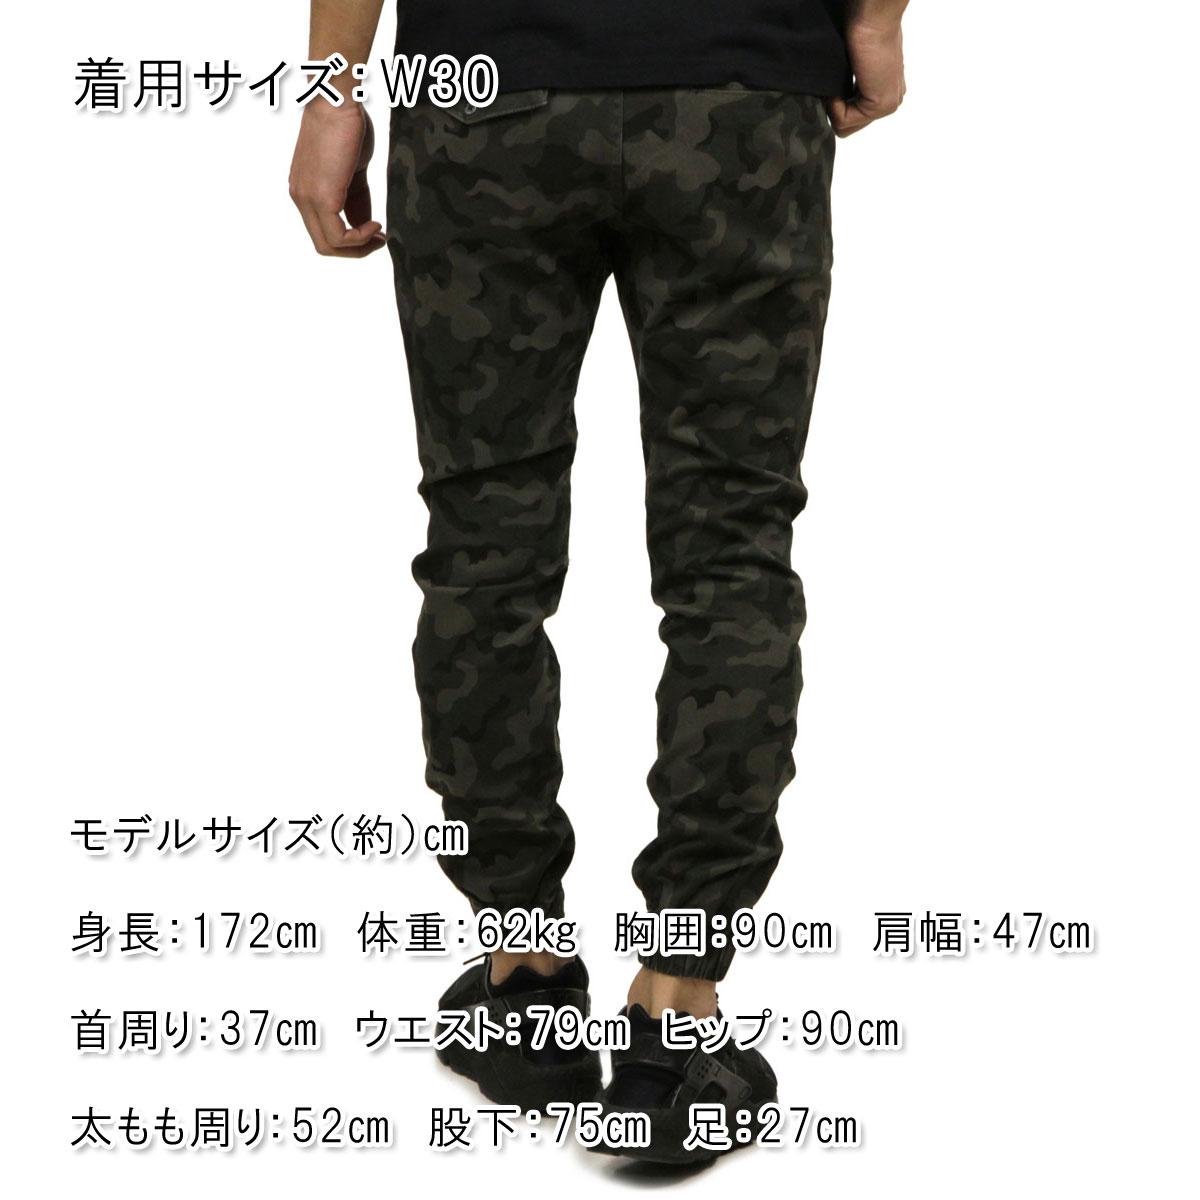 ゼンローブ ZANEROBE 正規販売店 メンズ チノ ジョガーパンツ SURESHOT CHINO JOGGER PANTS DK CAMO 759JP-MTG A13B B1C C2D D2E E05F